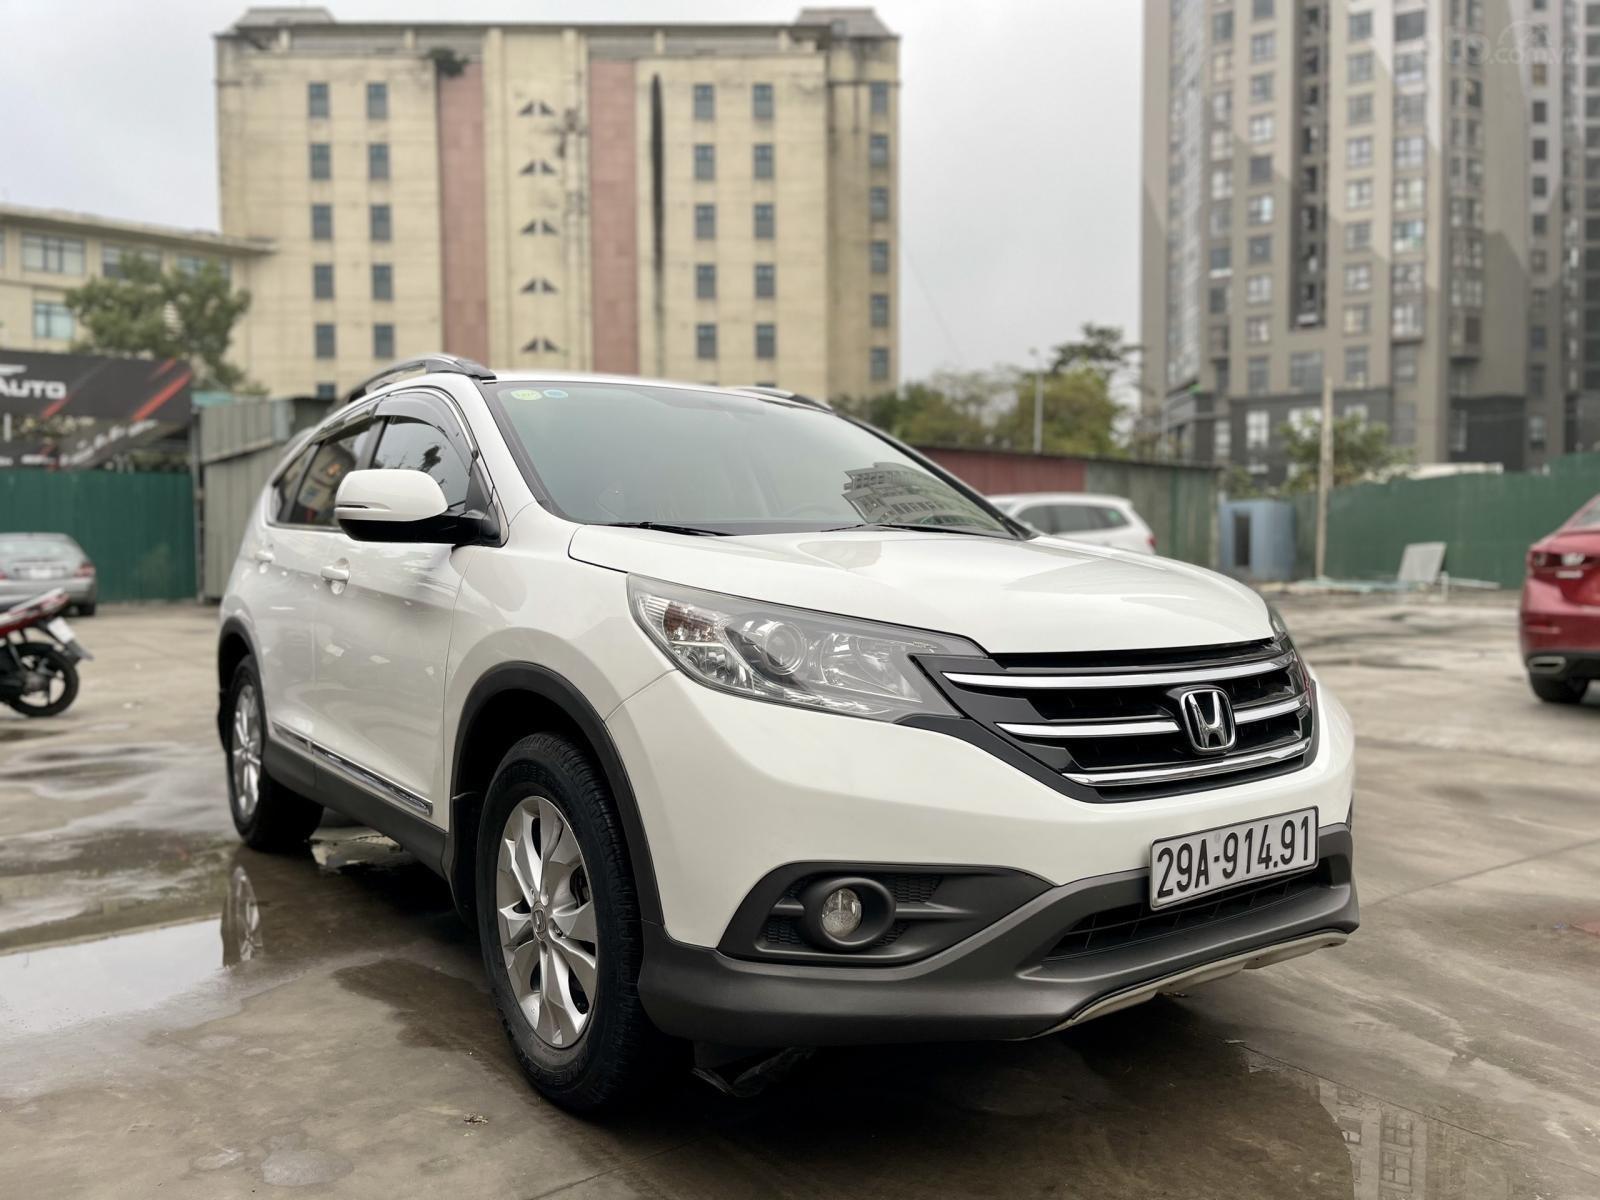 Bán Honda CR V 2.0 năm sản xuất 2013, giá cạnh tranh (1)